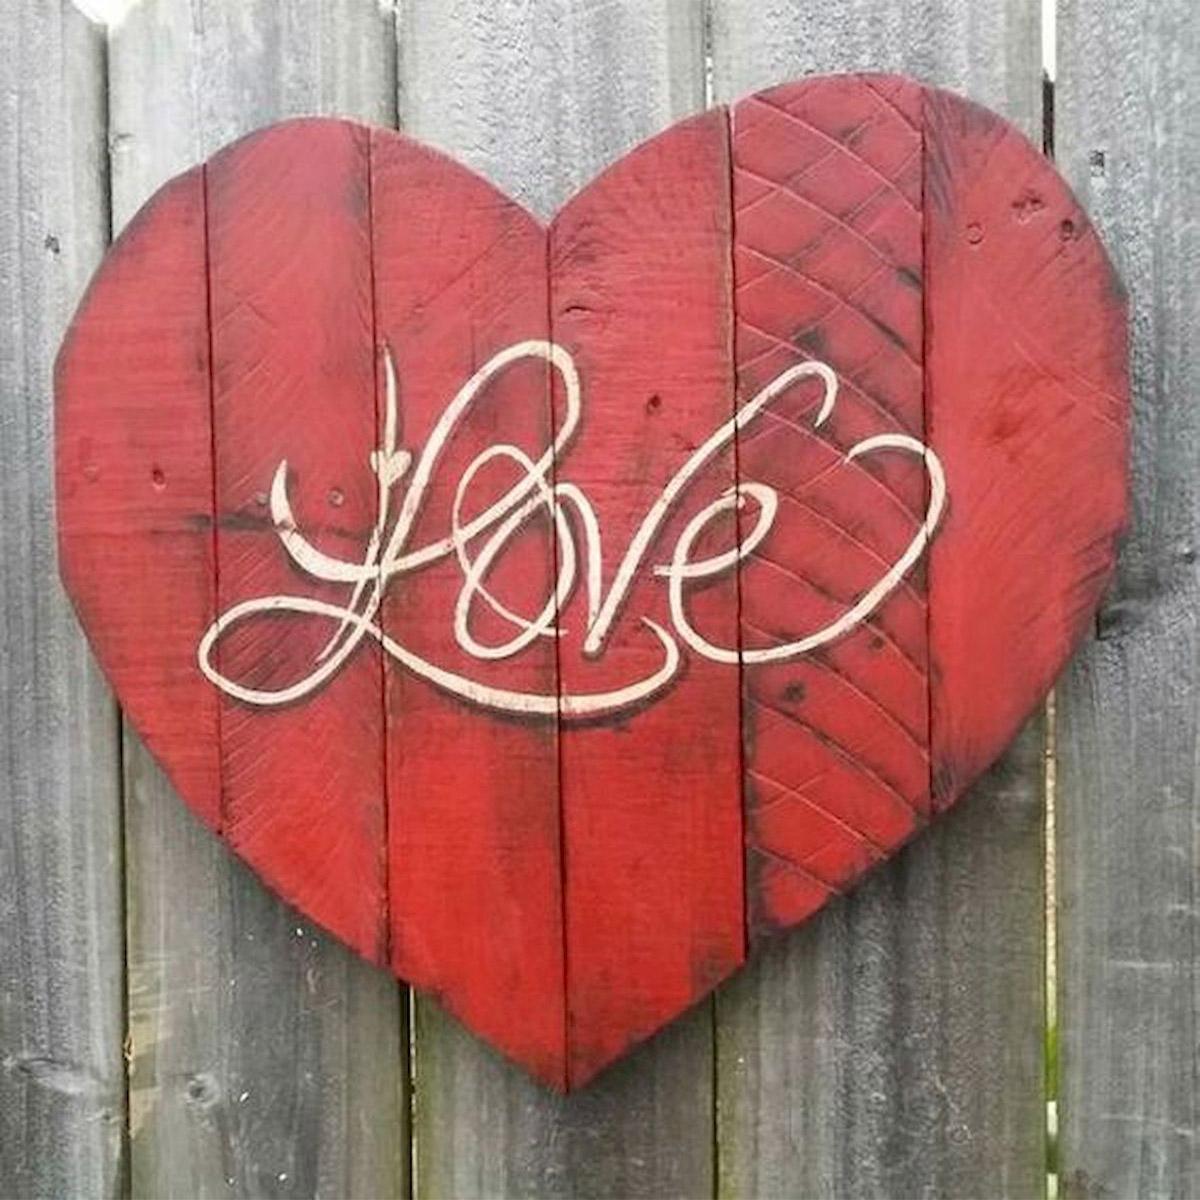 cuore san valentino 4